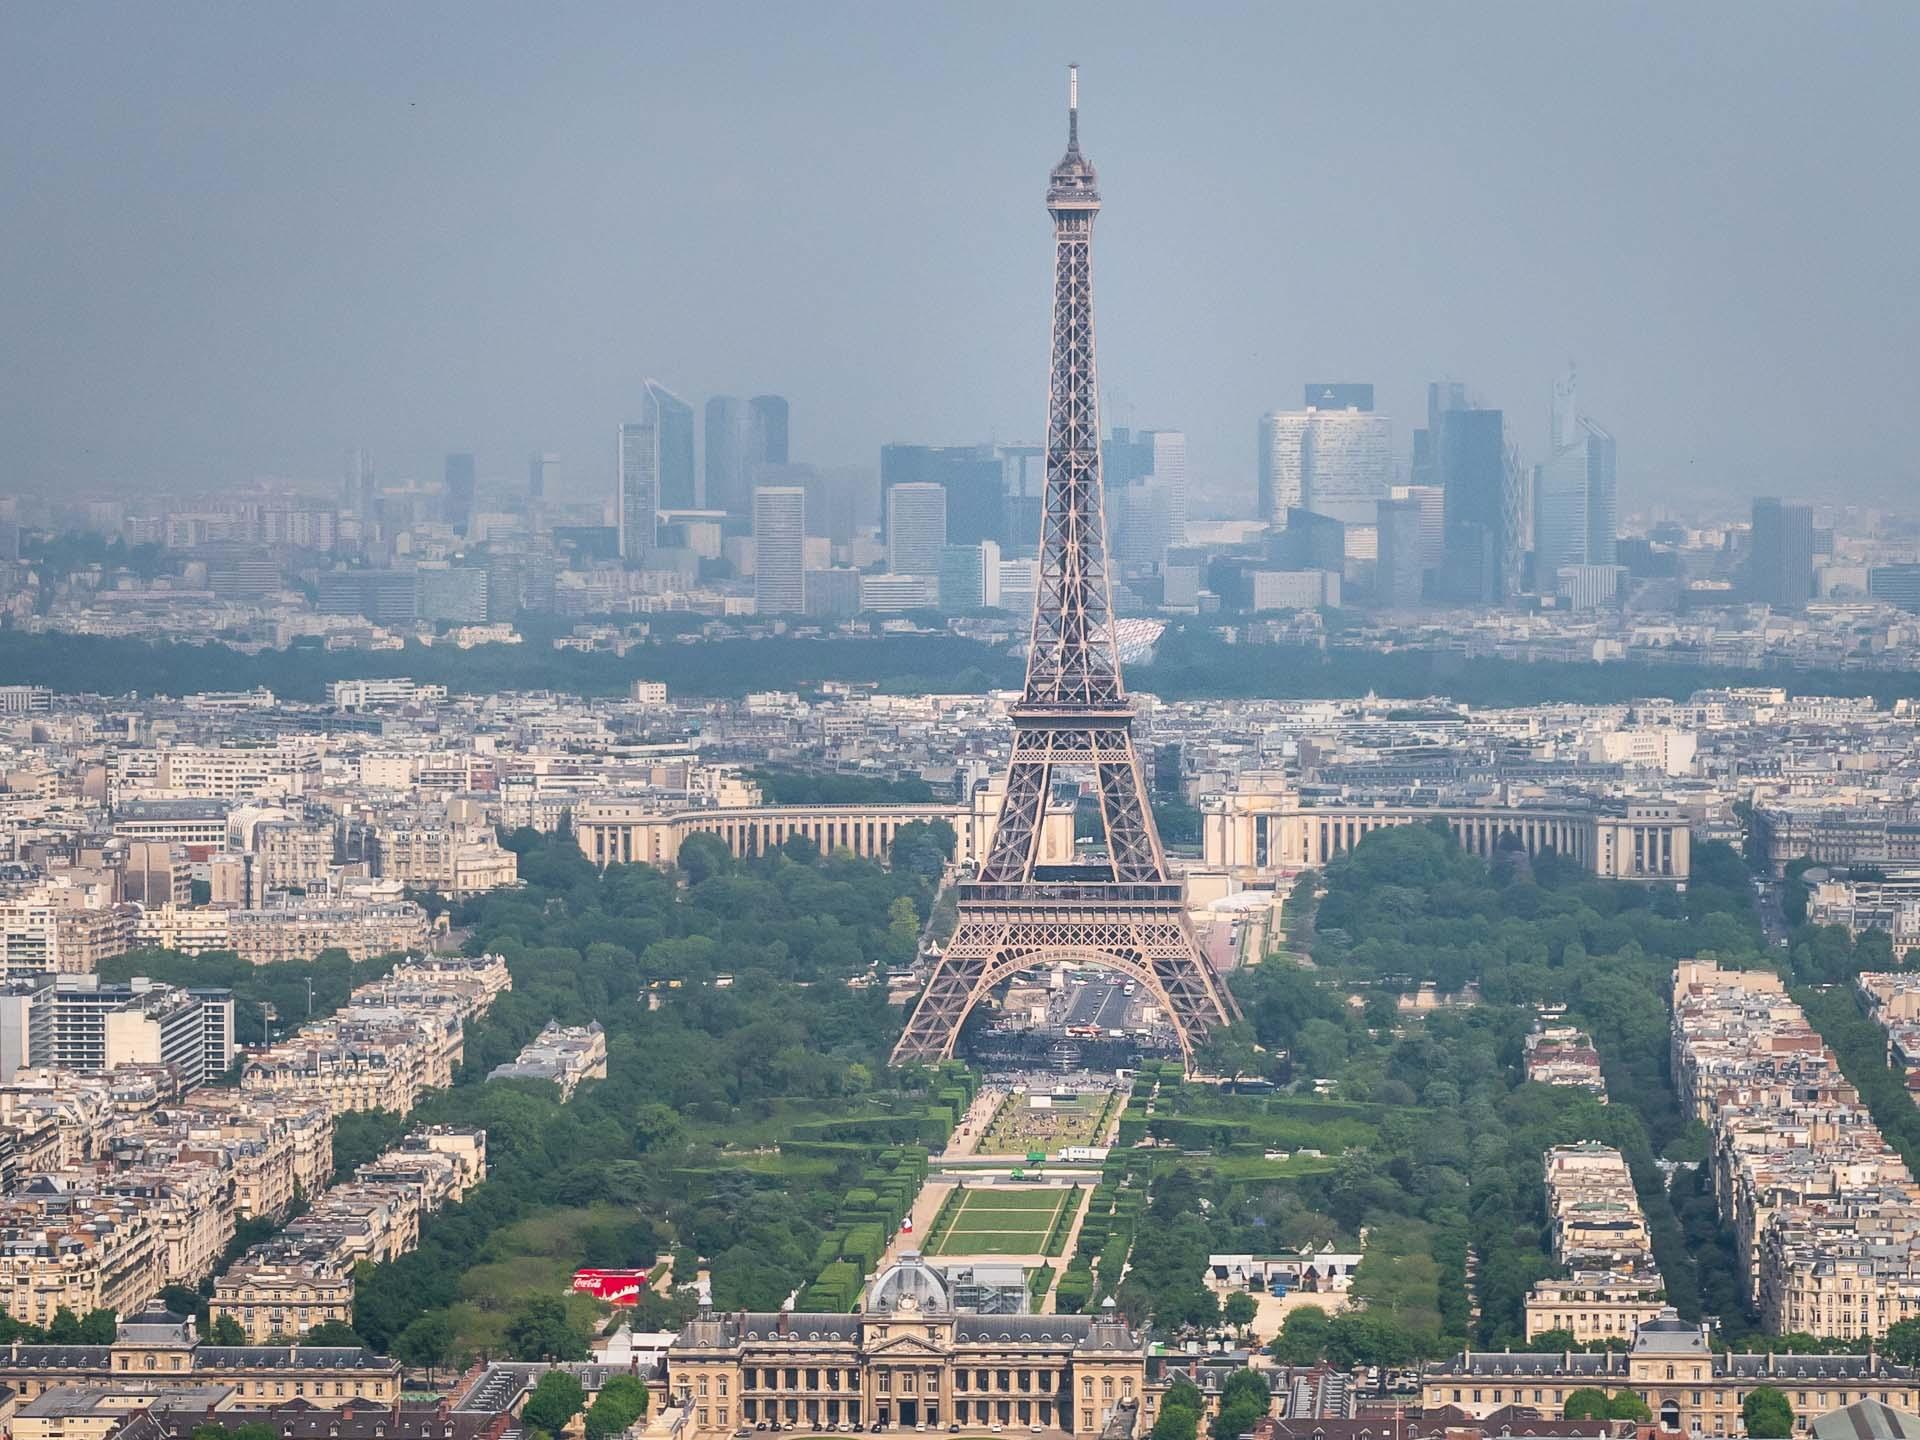 Die besten Paris Reisetipps & Sehenswürdigkeiten: Eiffelturm